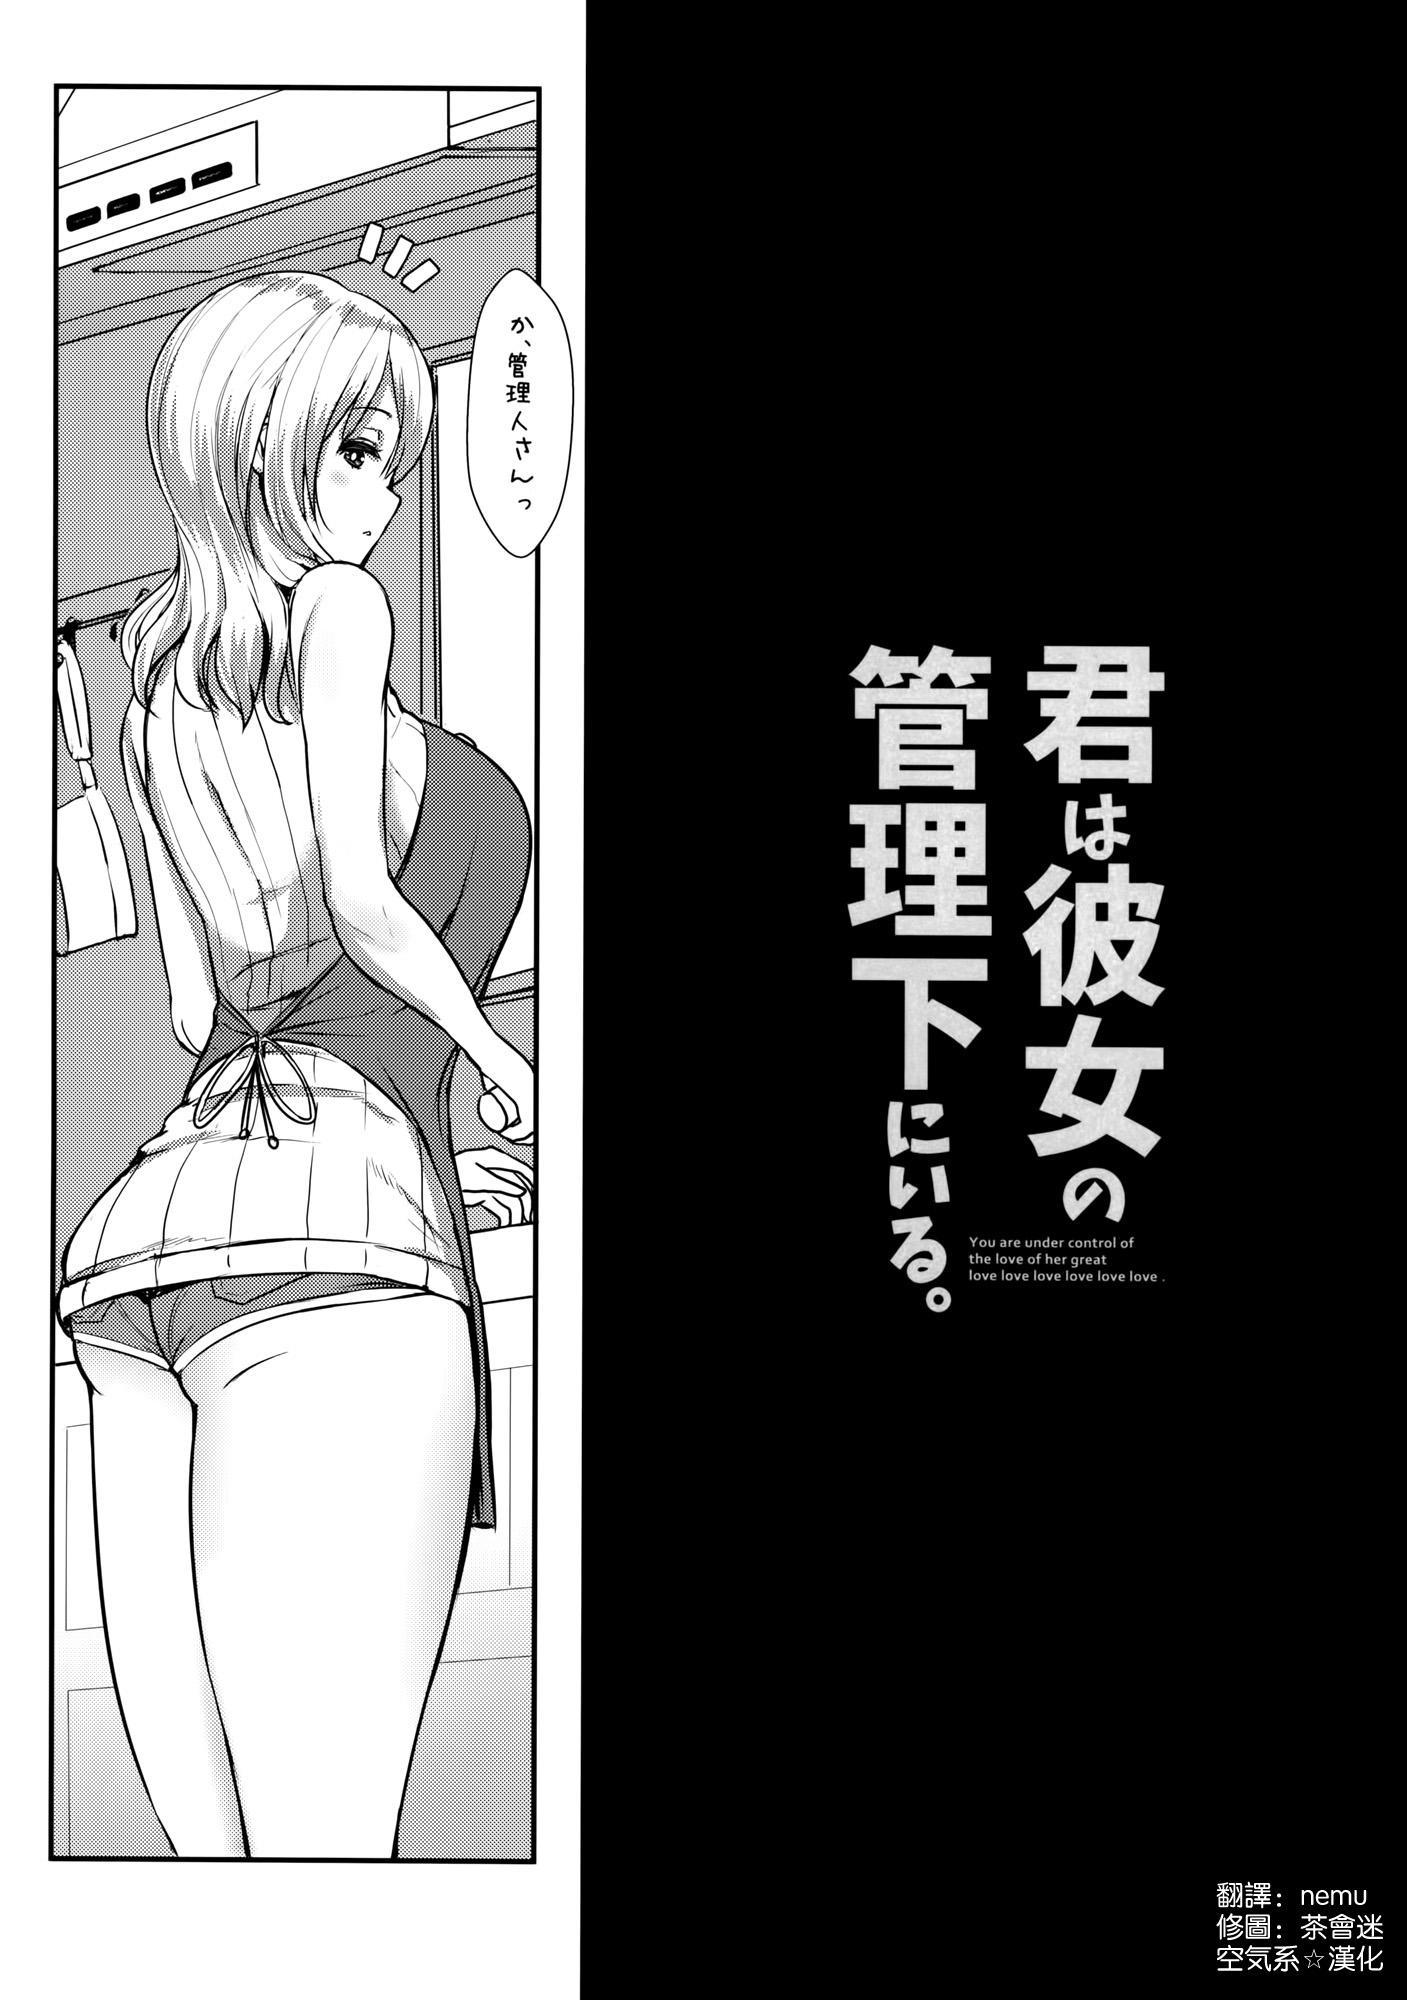 Kimi wa Kanojo no Kanrika ni Iru. 3